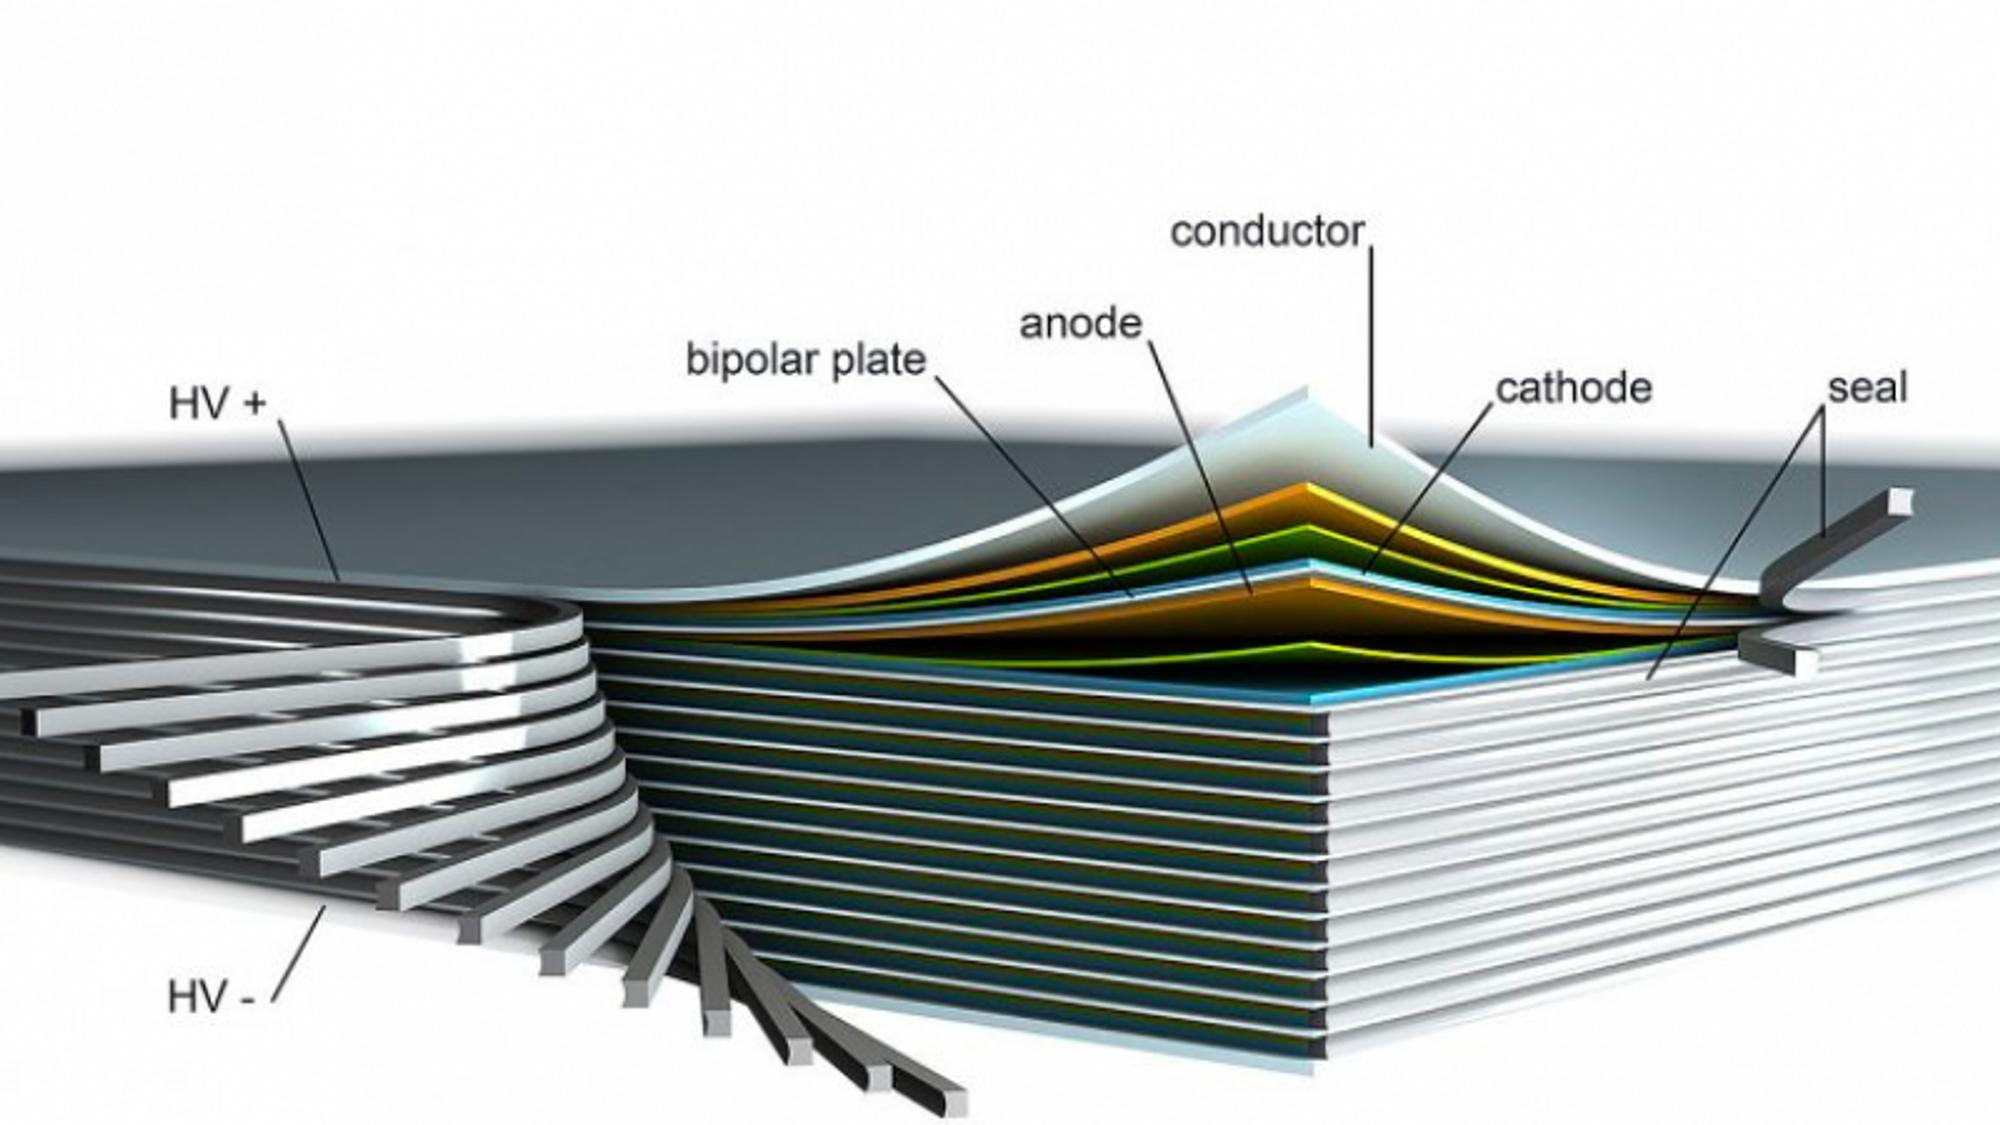 Ideen går ut på å stable battericeller rett over hverandre ved hjelp av en bipolar elektrode. Det innebærer at den ene siden av elektroden er anoden i en celle, mens den andre siden er katoden i den neste cellen. Elektroden består av et metallbånd med keramiske lagringsmaterialer på hver side.